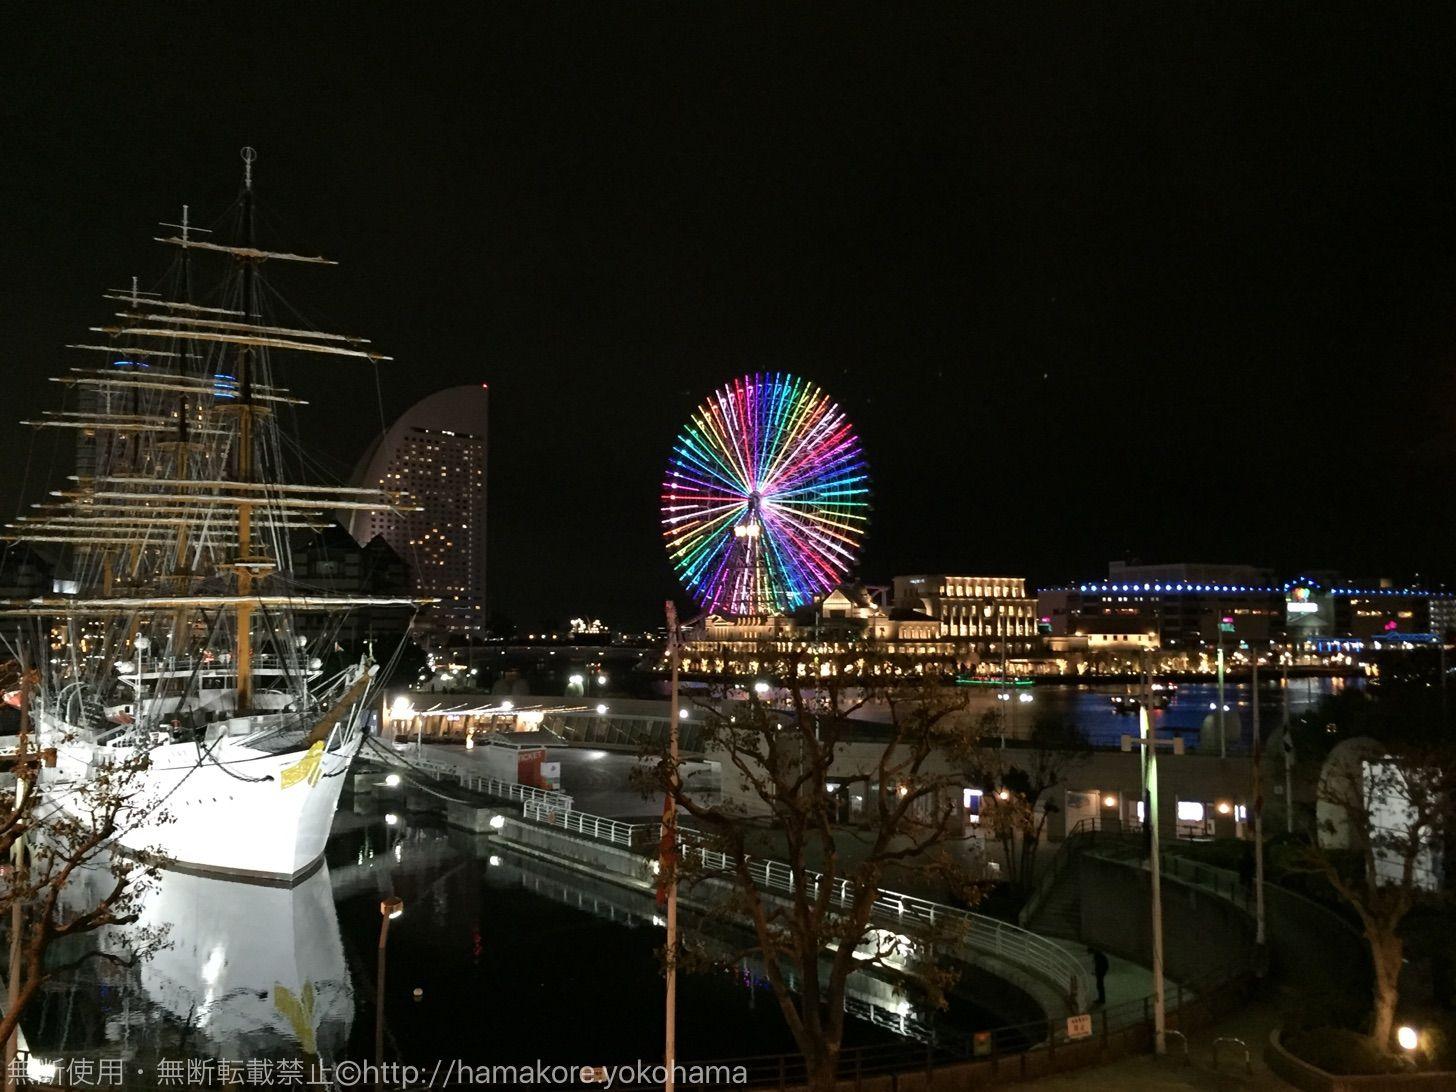 横浜みなとみらい 大観覧車コスモクロック21のライトアップが変わる時間 スケジュール 横浜みなとみらい みなとみらい 観覧車